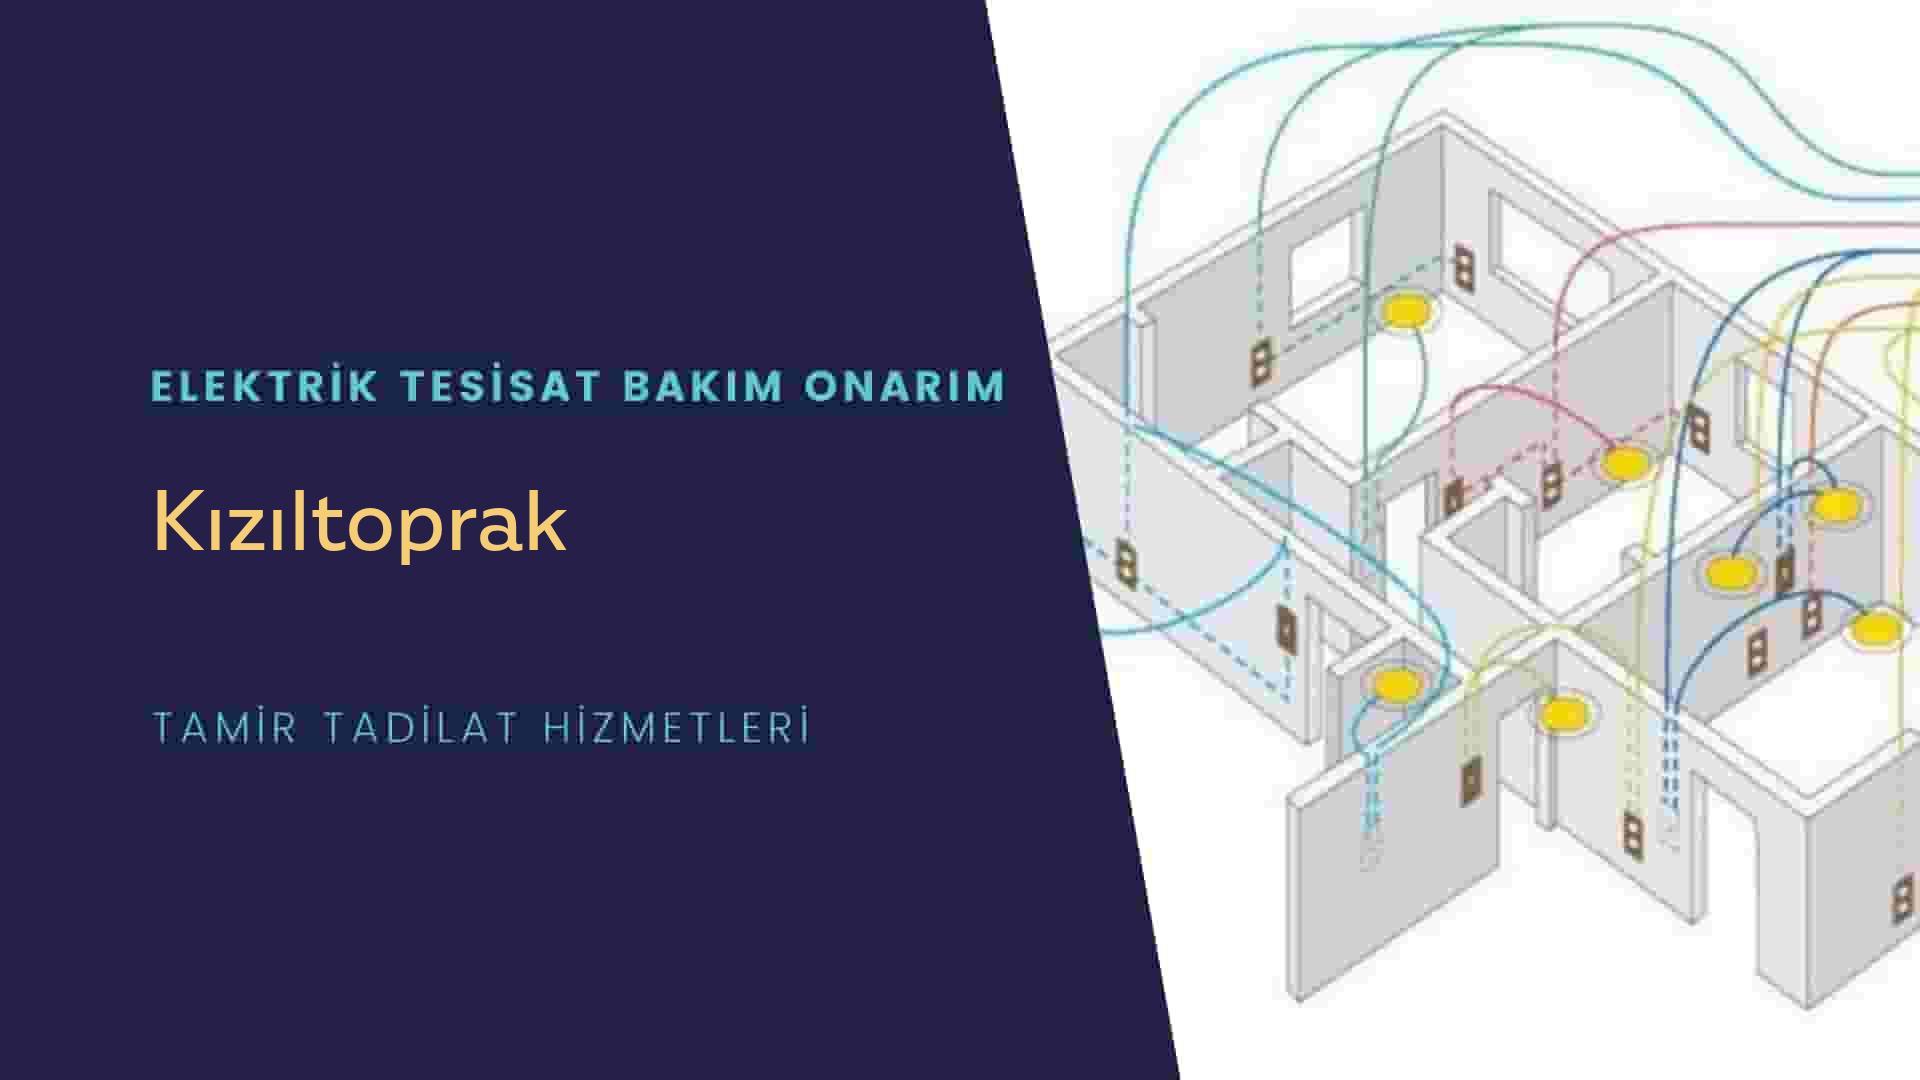 Kızıltoprak'ta elektrik tesisatıustalarımı arıyorsunuz doğru adrestenizi Kızıltoprak elektrik tesisatı ustalarımız 7/24 sizlere hizmet vermekten mutluluk duyar.